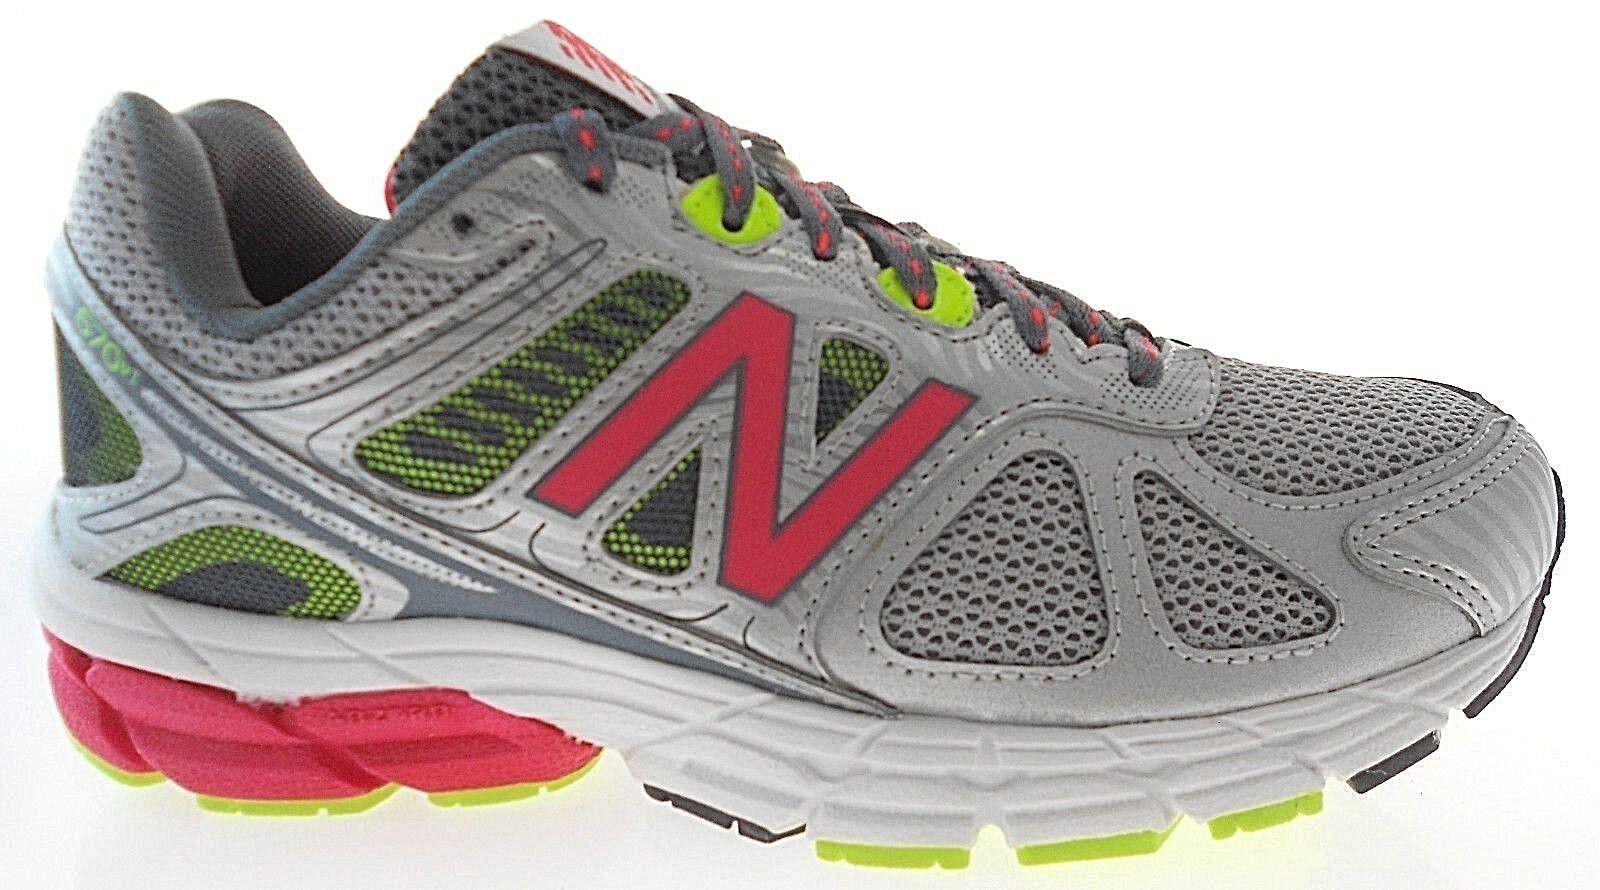 NEW BALANCE 670 WOMEN'S SILVER RUNNING Schuhe Schuhe RUNNING SZ 6, #W670SP1 bd8af9